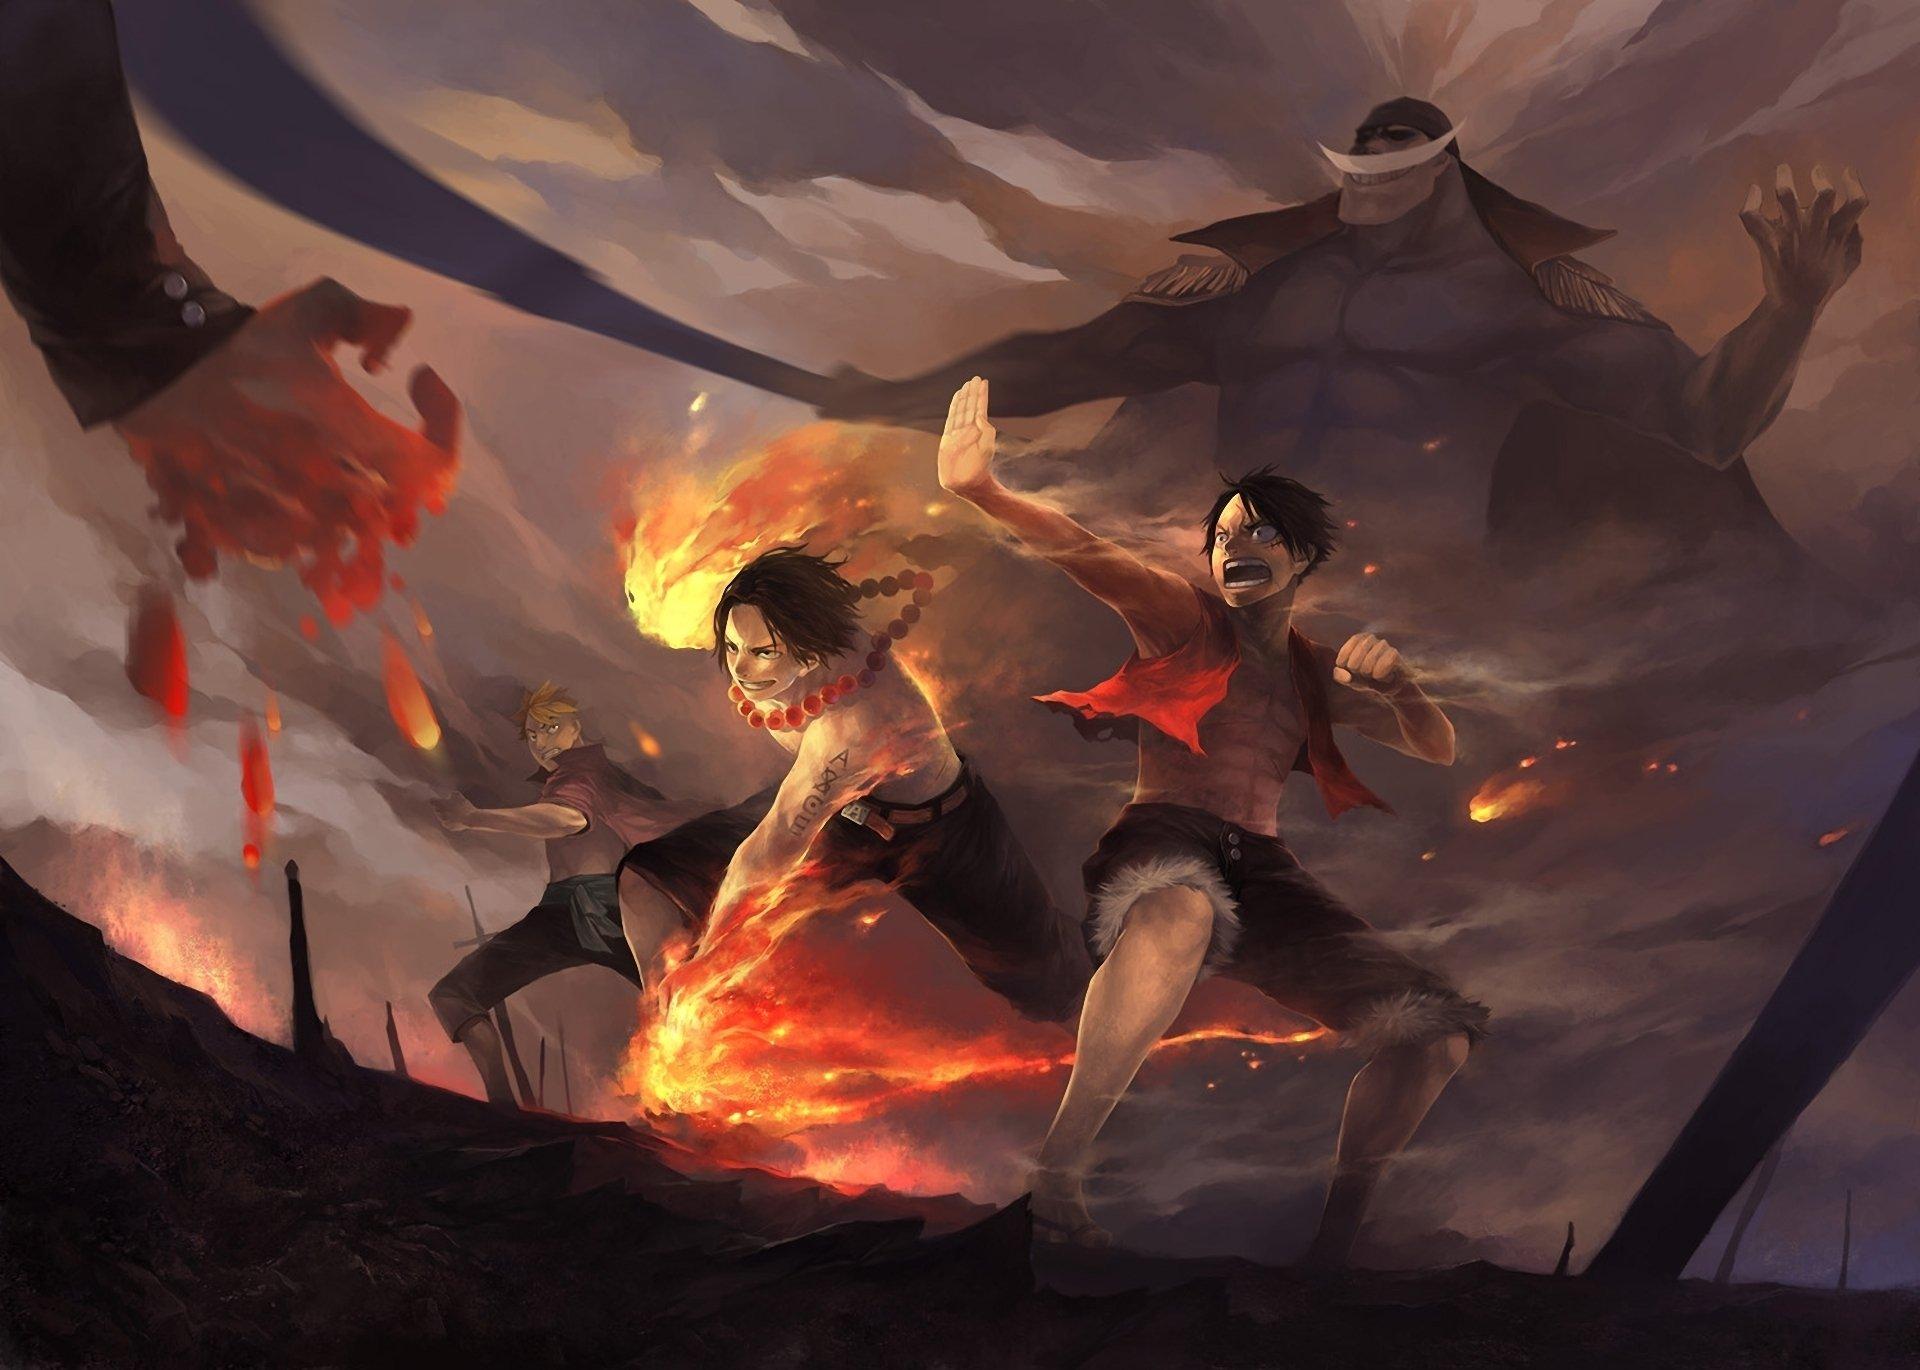 Hình ảnh 3D Luffy đảo hải tặc